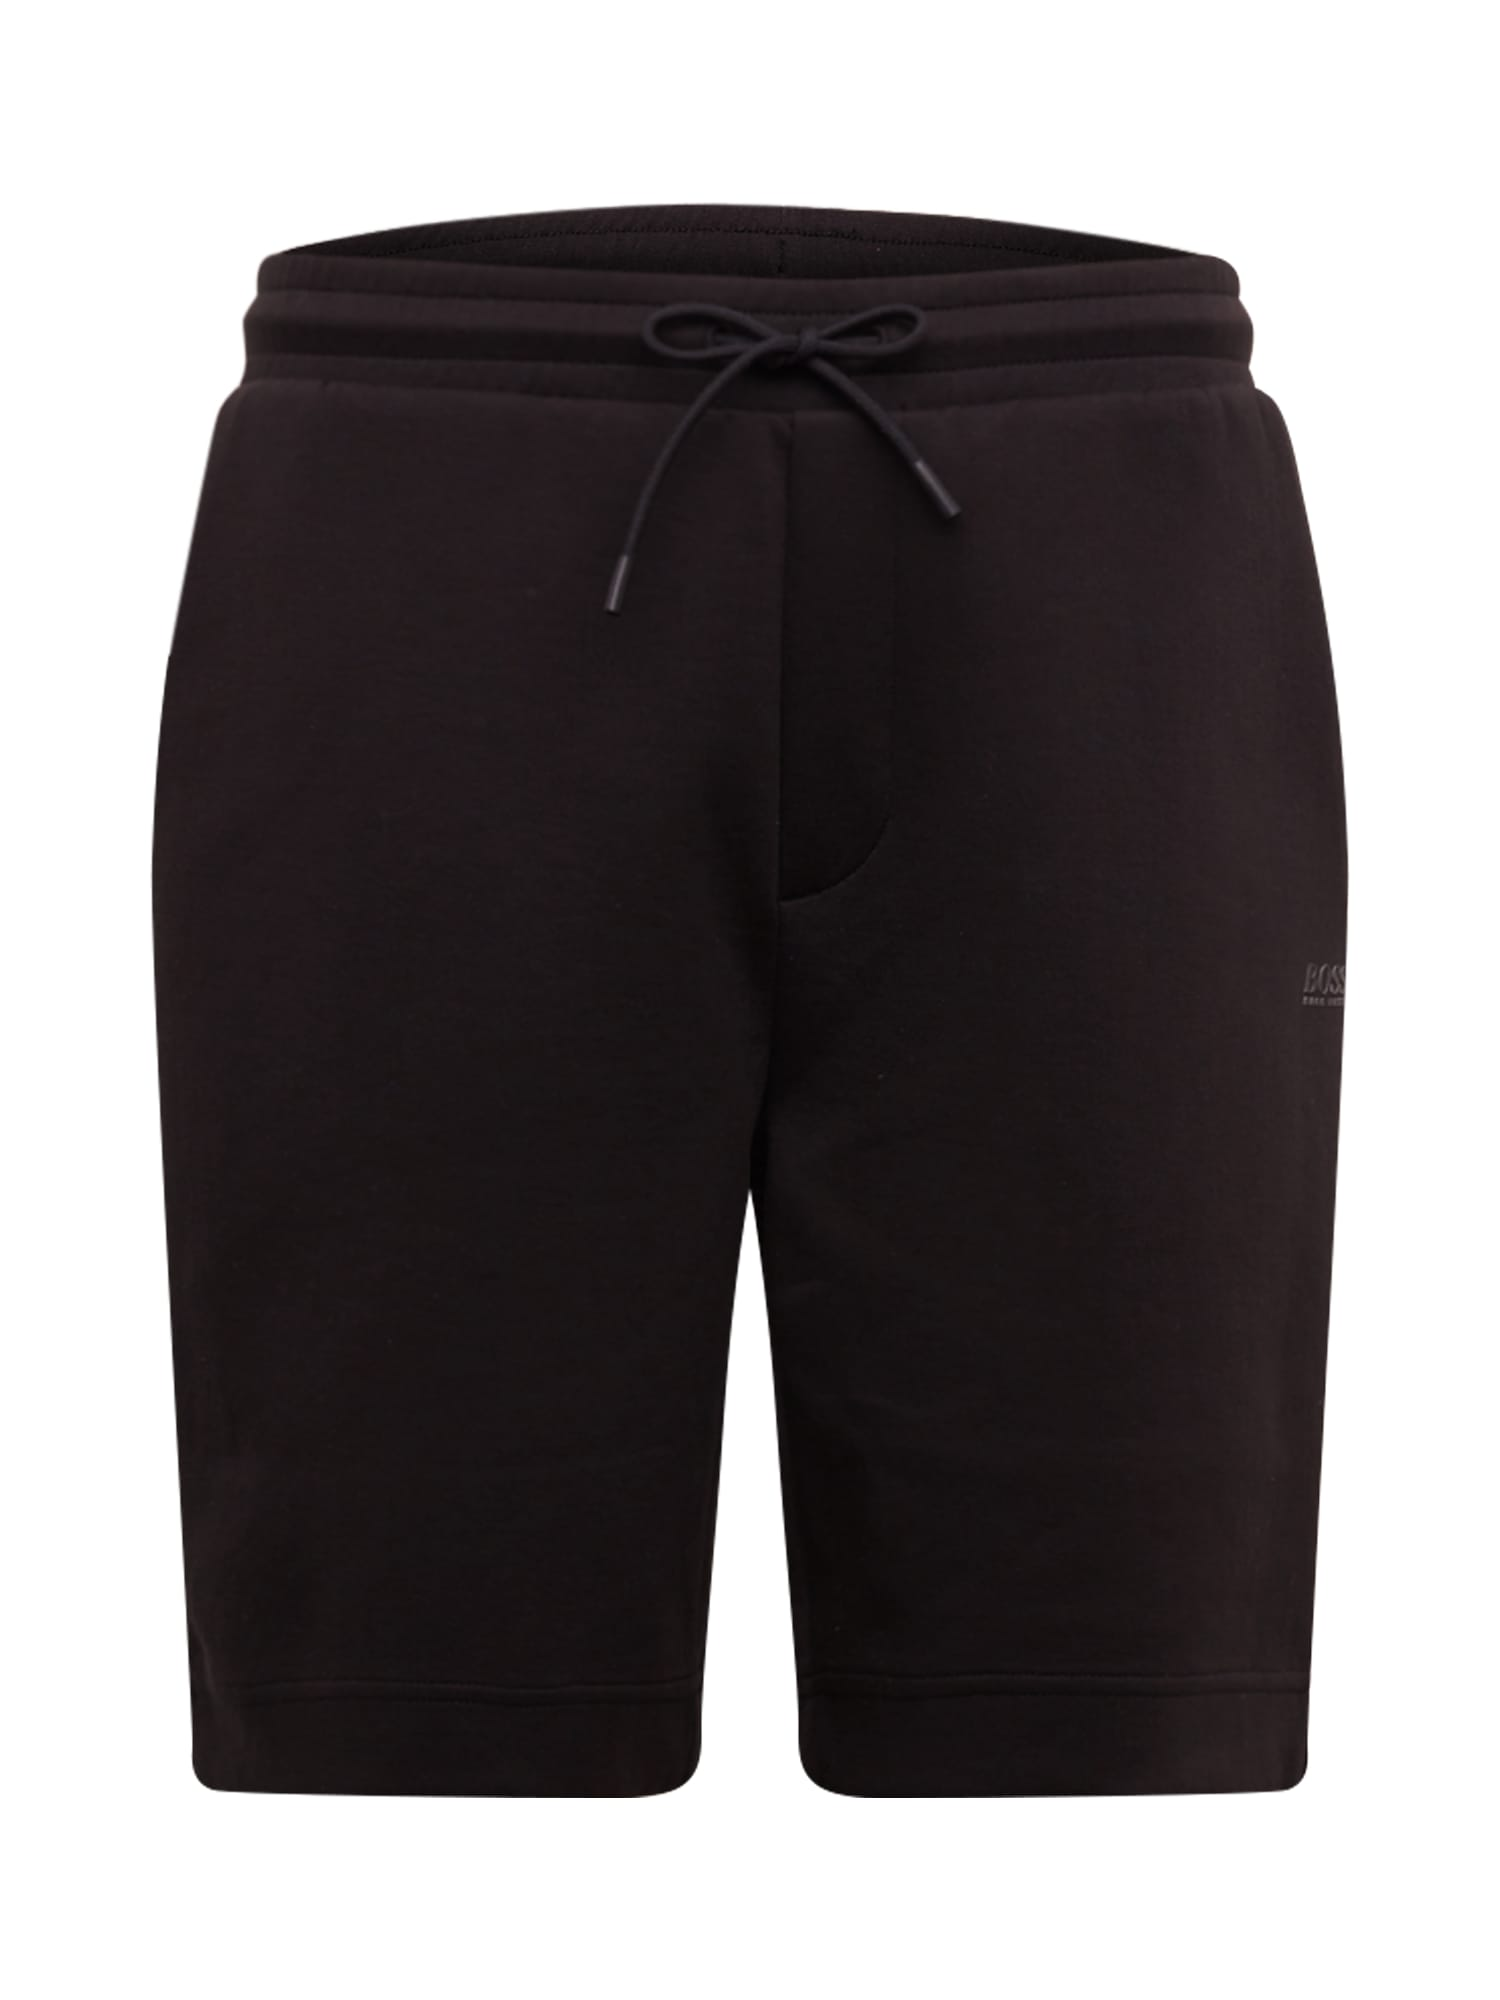 BOSS ATHLEISURE Kelnės 'Headlo X' juoda